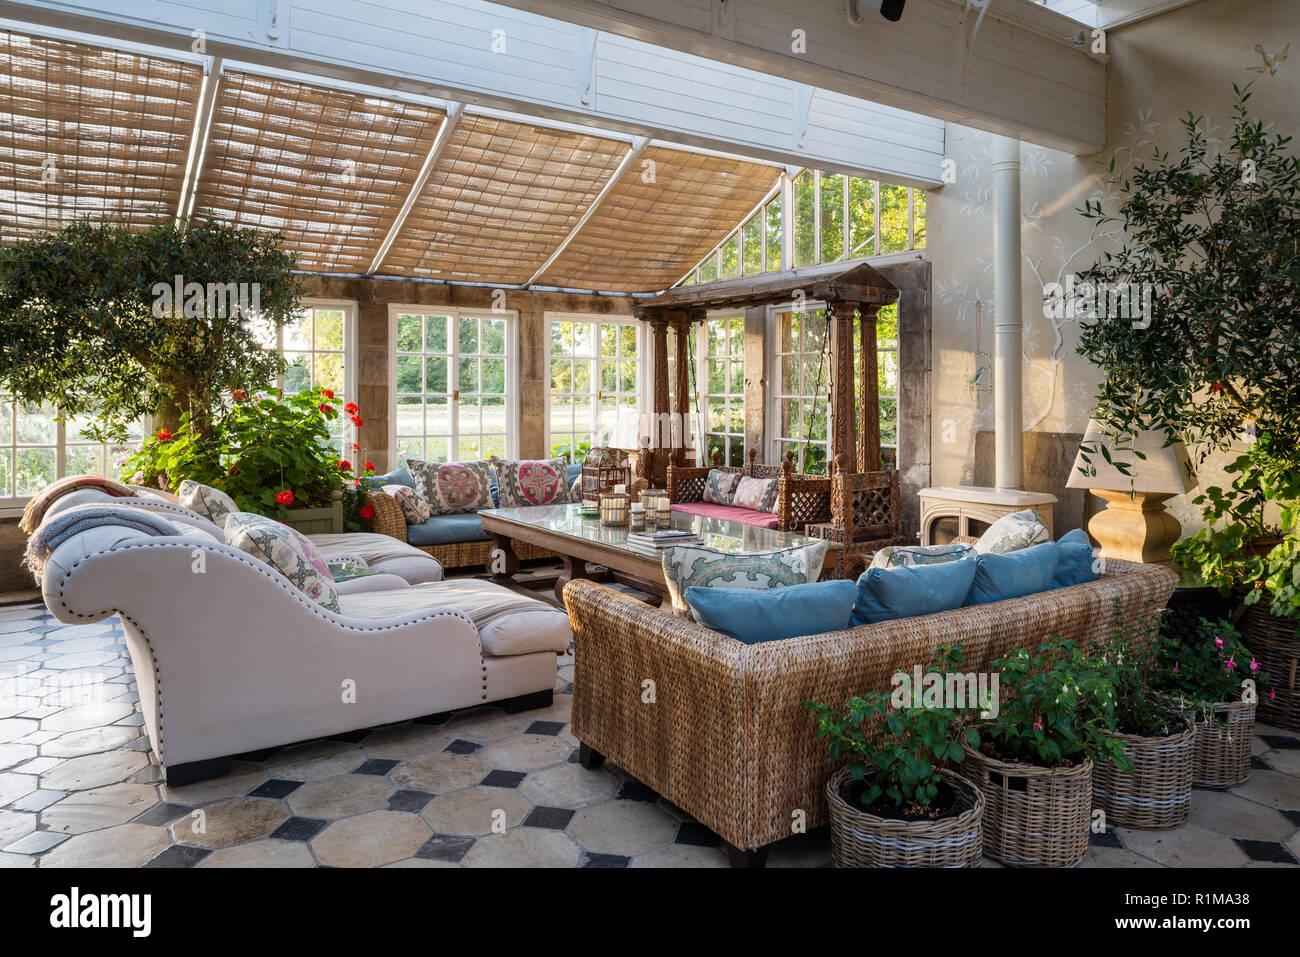 wintergarten esszimmer mit sofas stockfoto bild 224796412 alamy. Black Bedroom Furniture Sets. Home Design Ideas